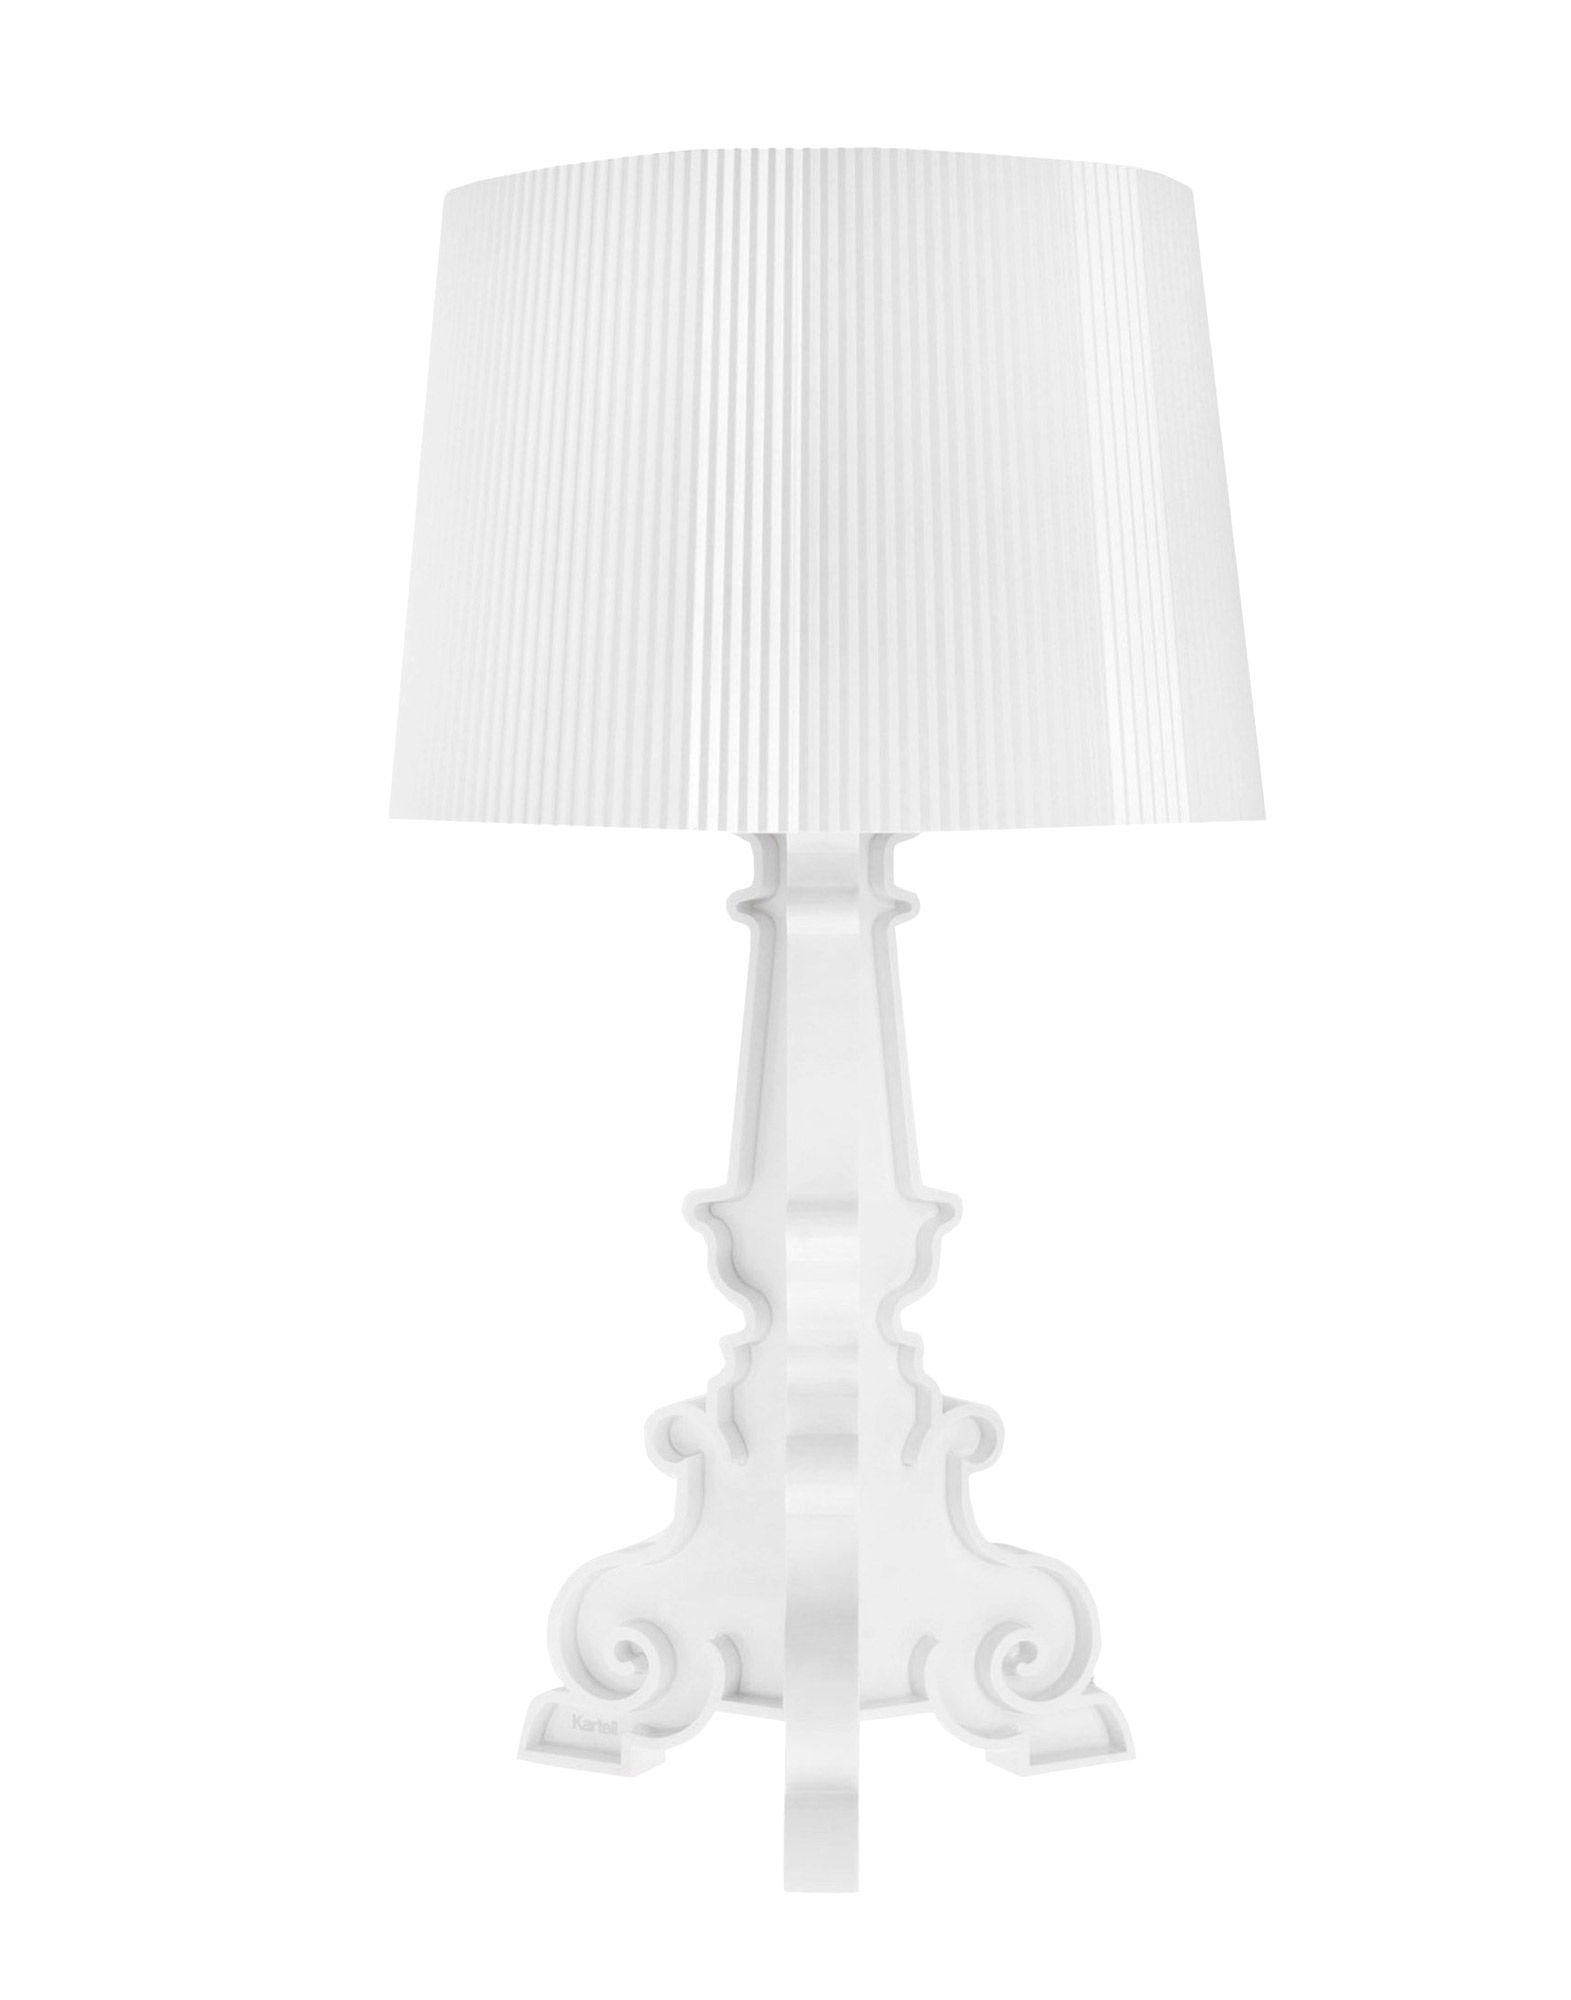 Lampade da tavolo kartell lampada da tavolo moderna - Lampade ikea da tavolo ...